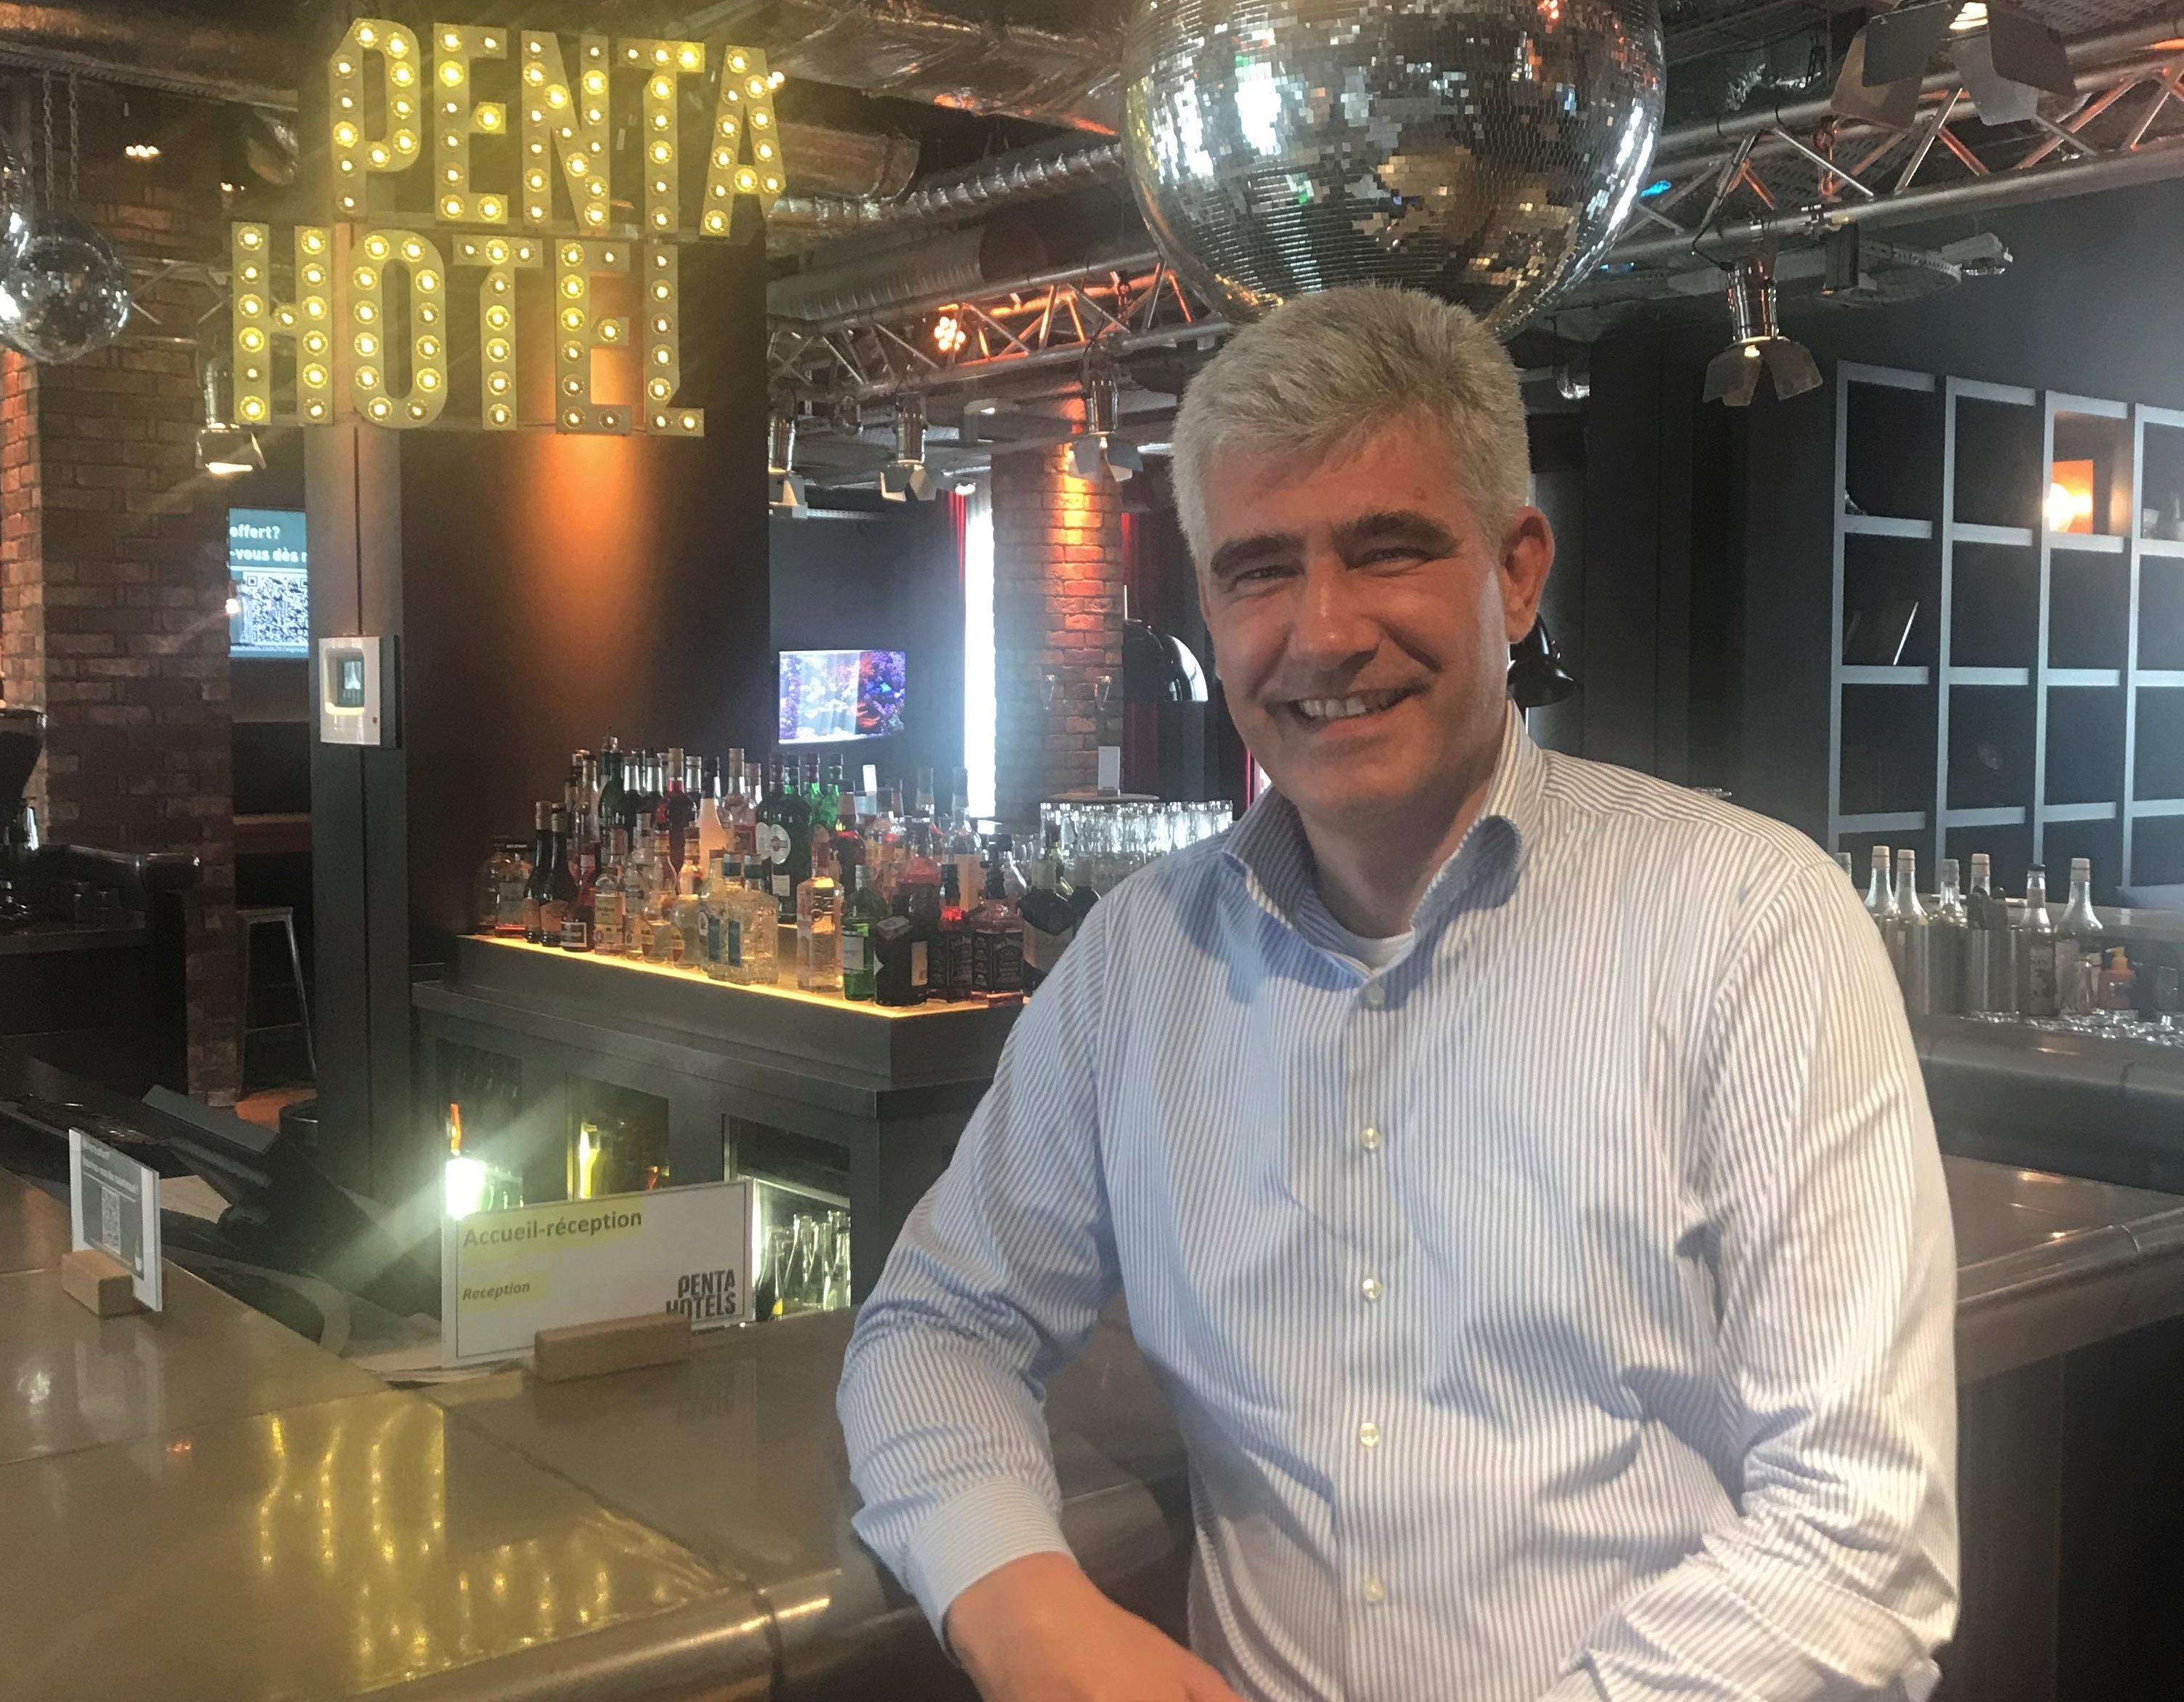 Sascha Rosski apporte à l'équipe de Penta plus de 20 ans d'expérience dans l'industrie hôtelière ainsi qu'une passion pour la culture et les voyages - DR : Pentahotels